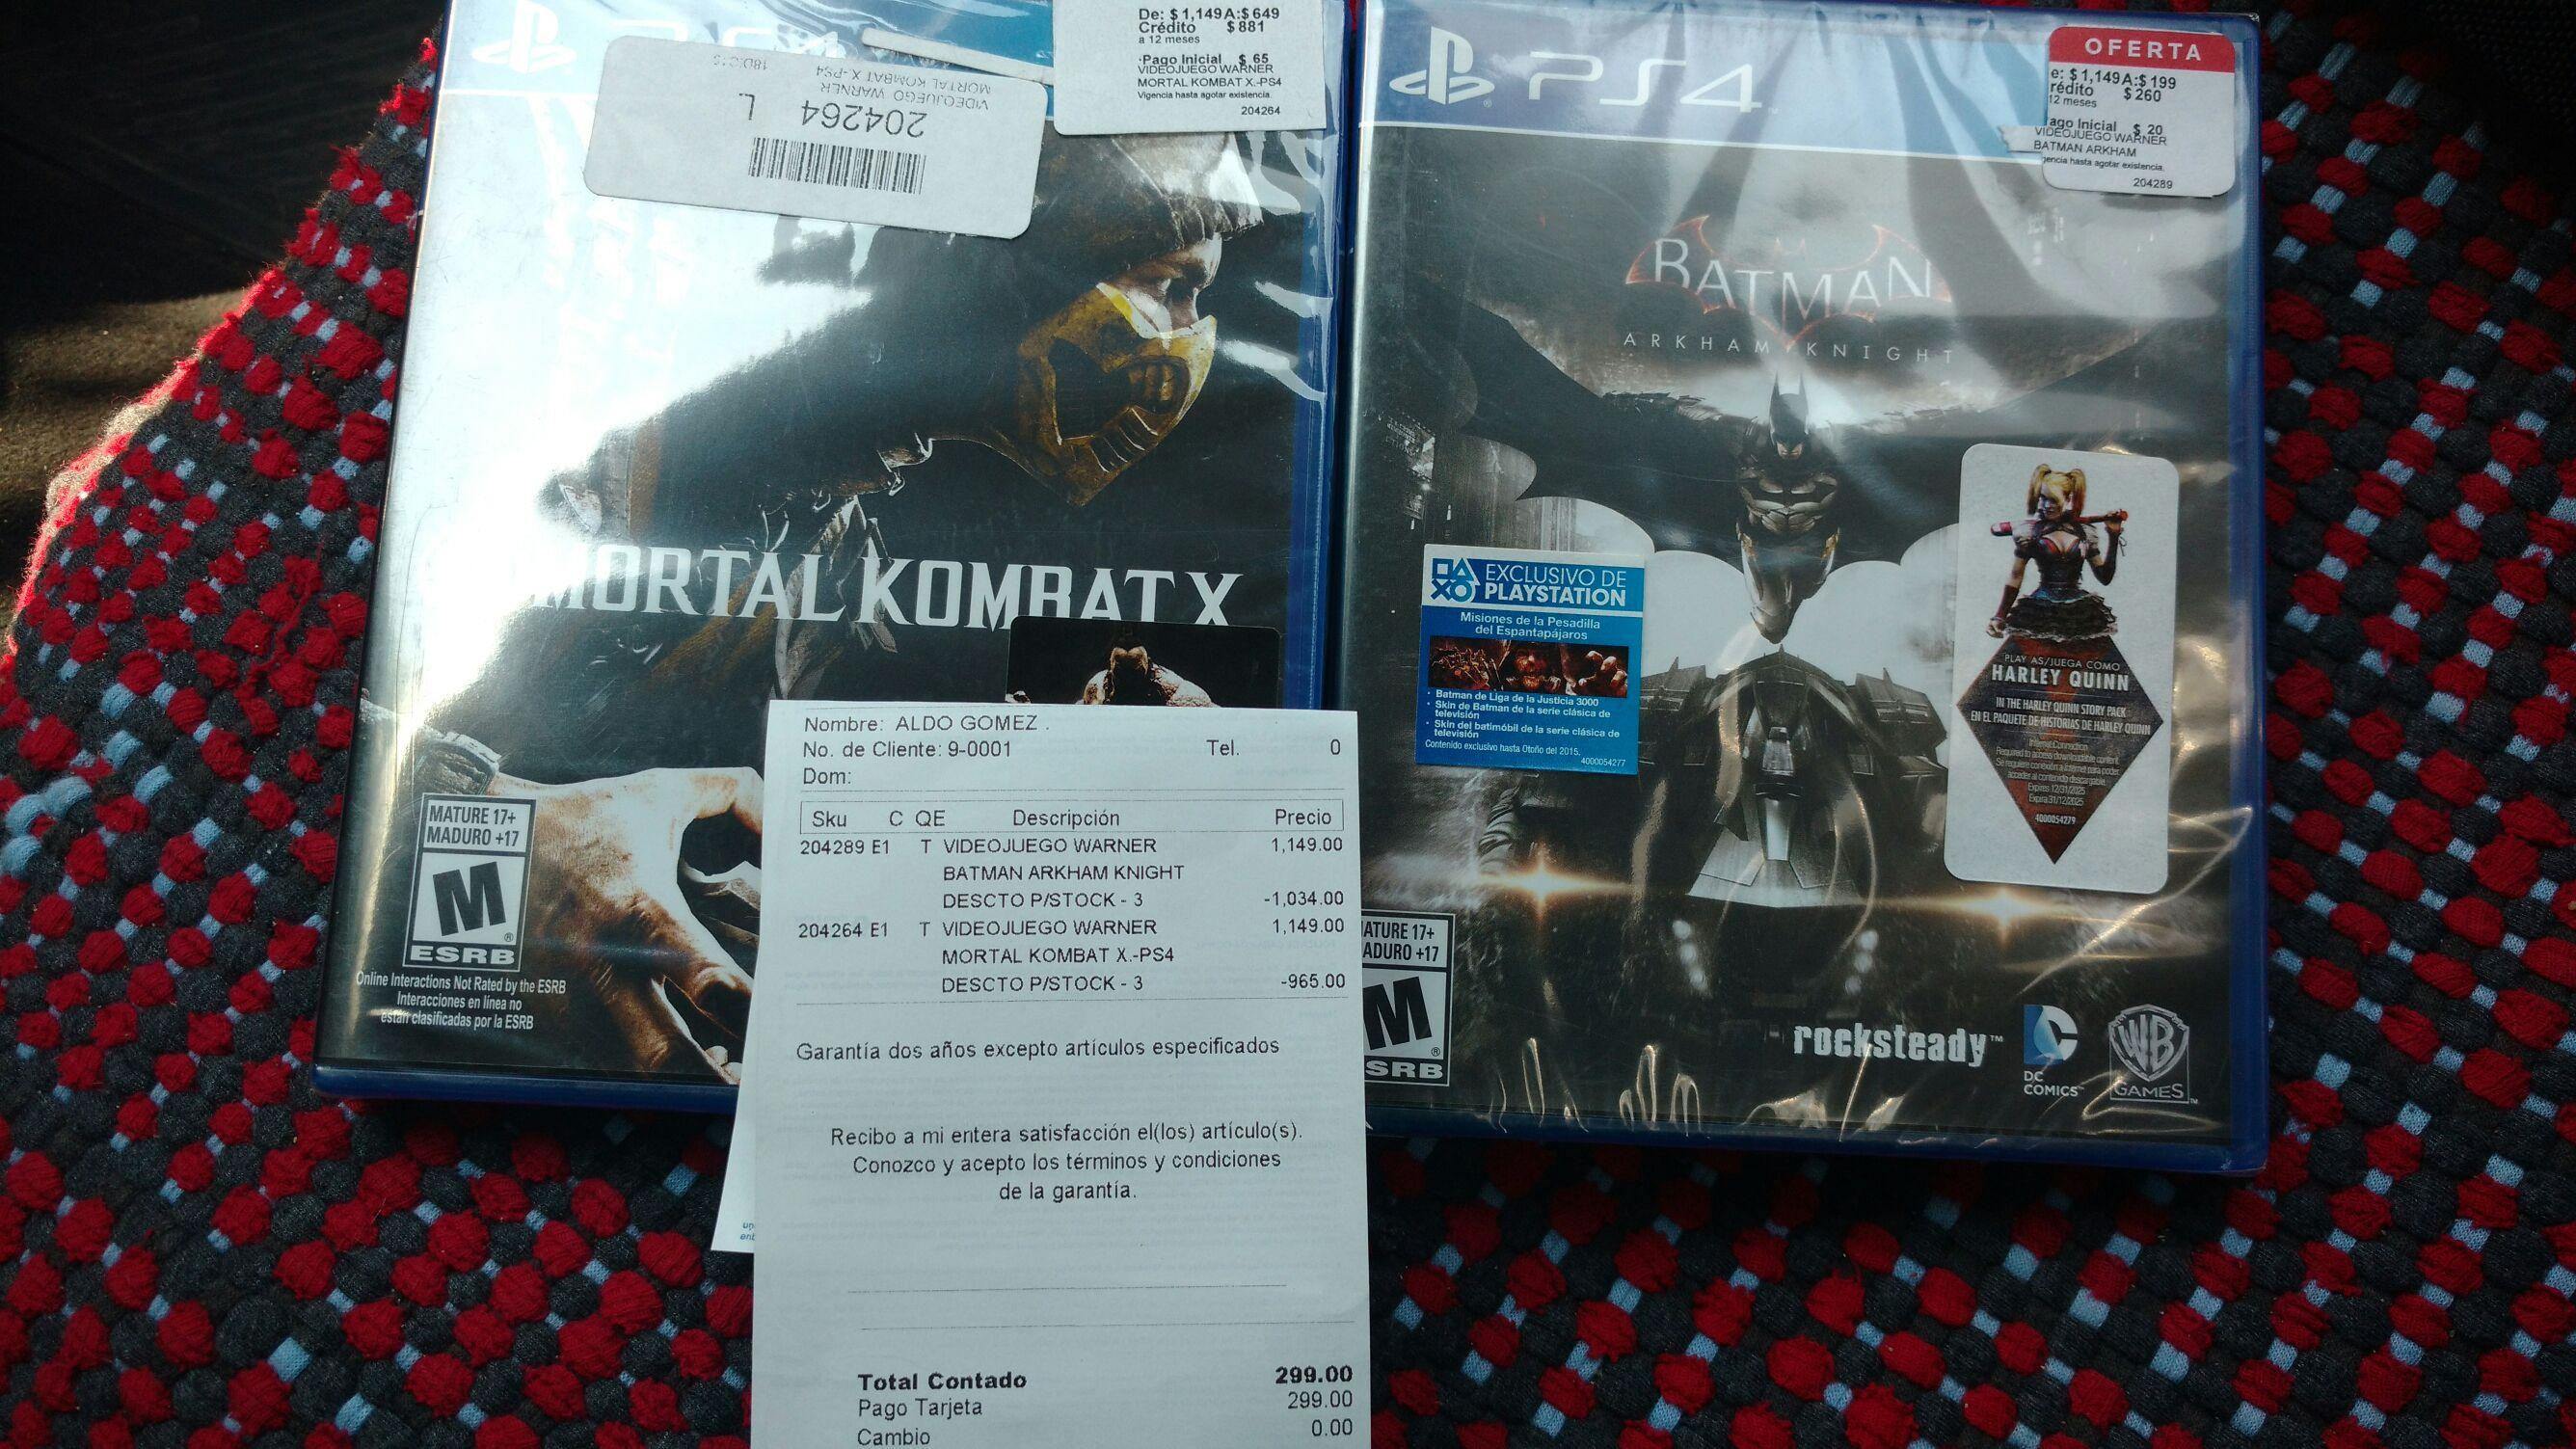 Coppel: Batman Arkham Knight para PS4